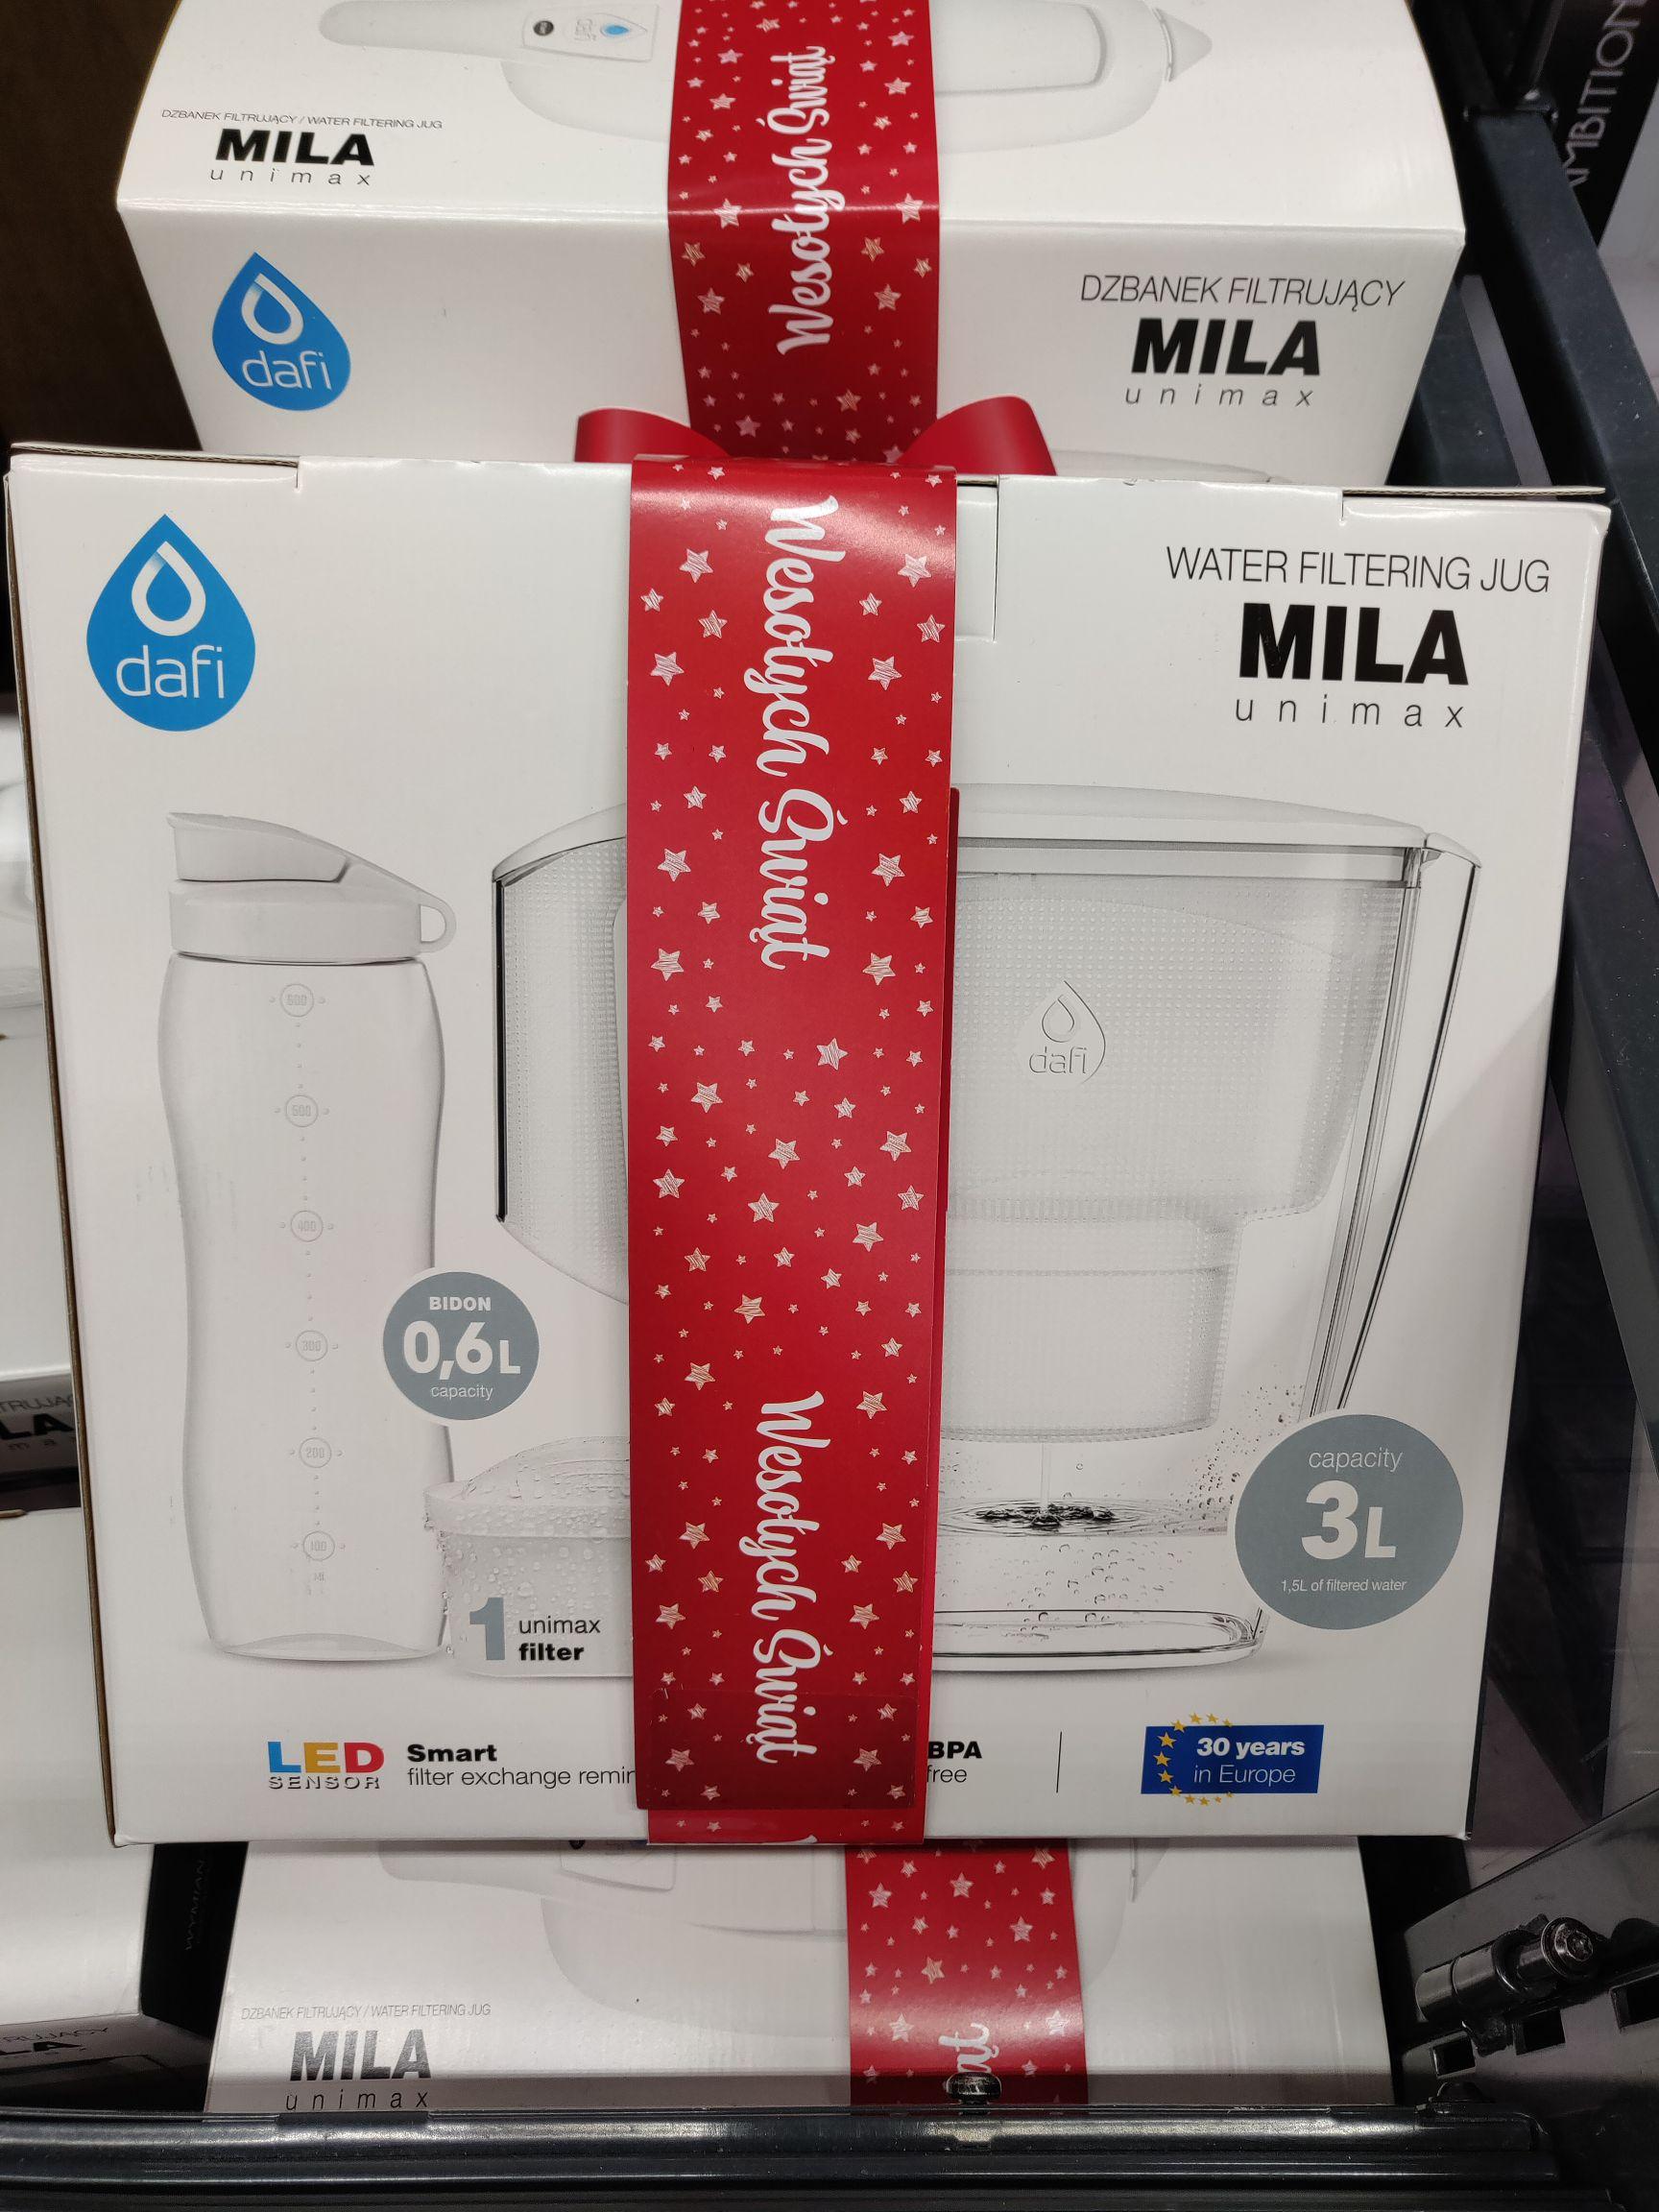 Dzbanek Dafi Mila Unimax 3L + butelka + wkład